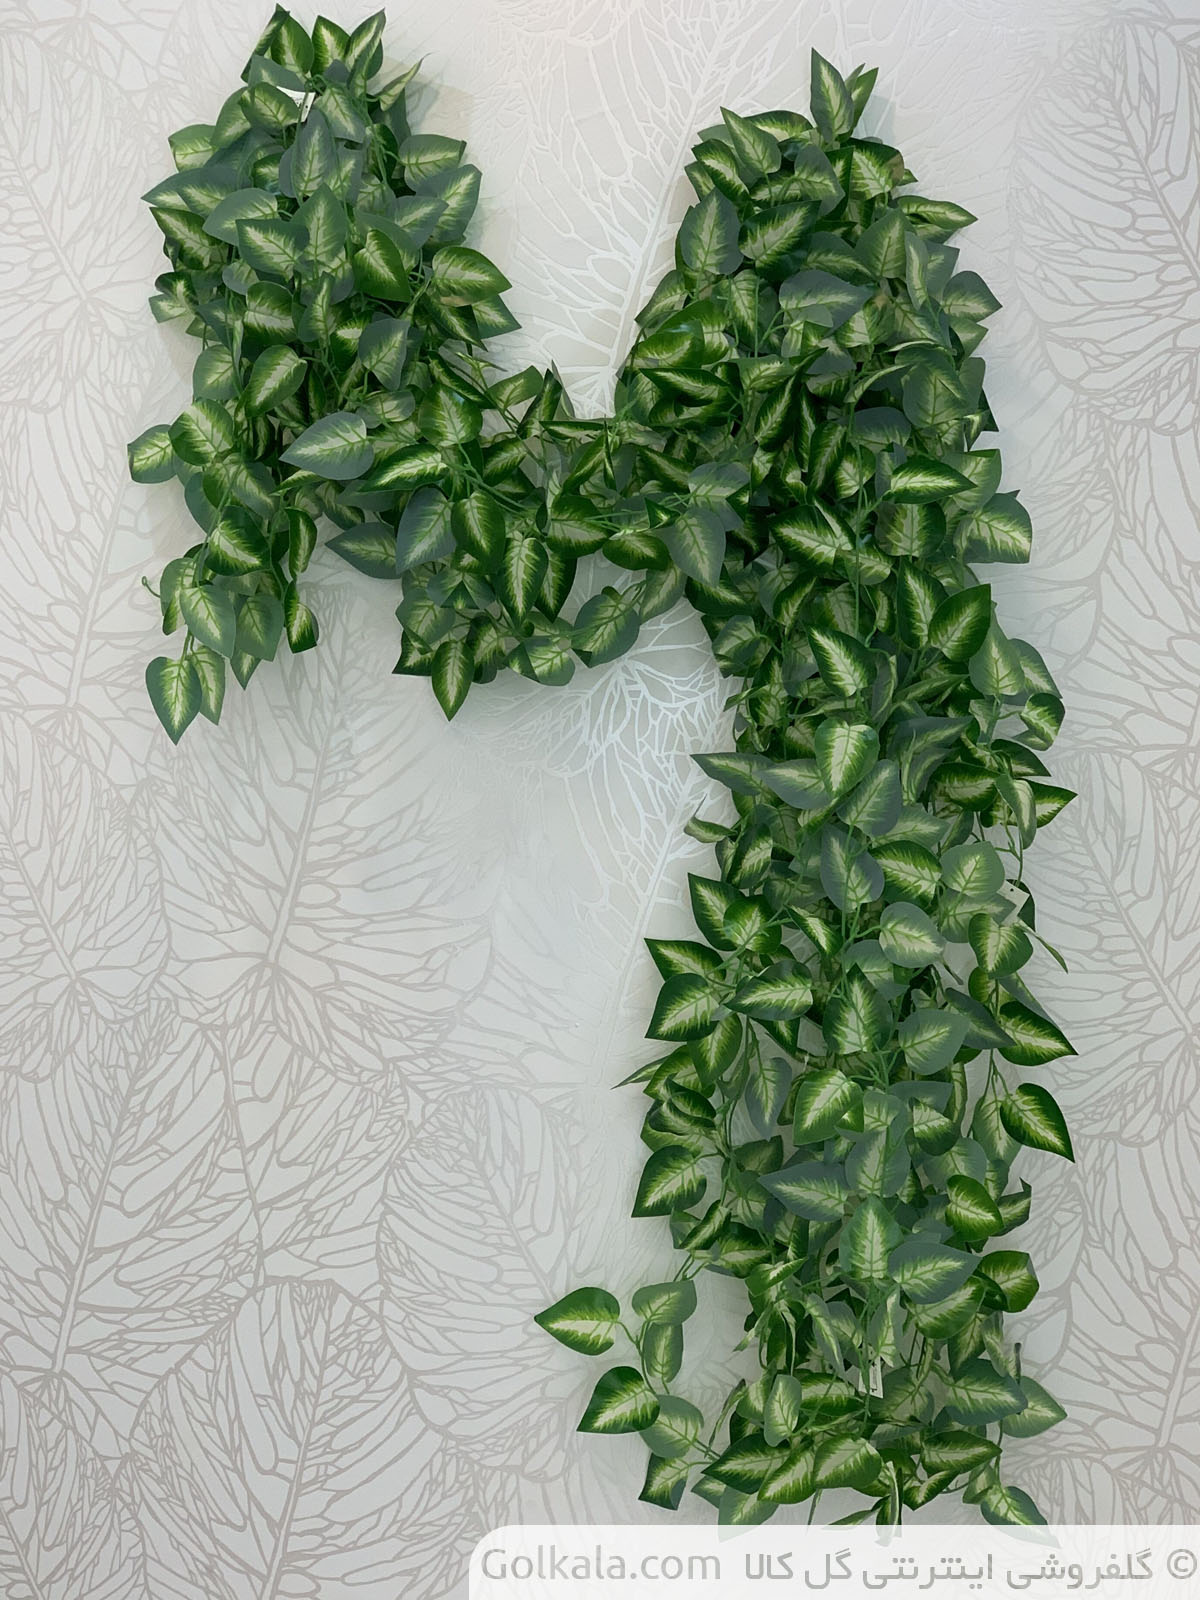 ریسه پیچک برگ سبز جنگلی گل کالا